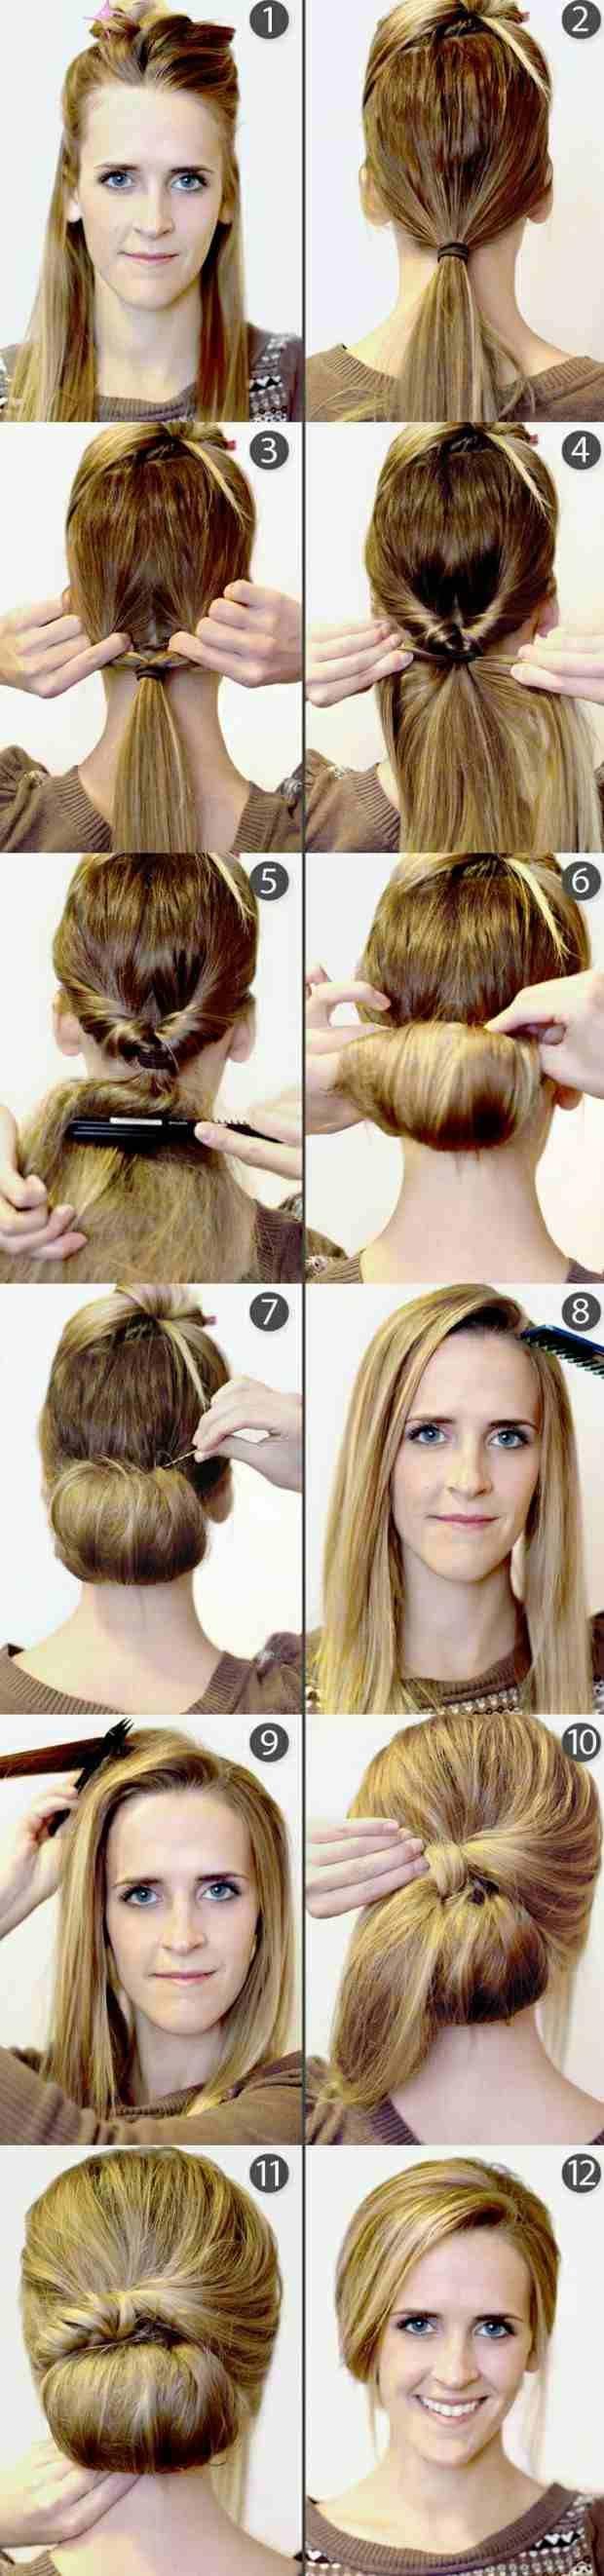 Frisuren alltag anleitung